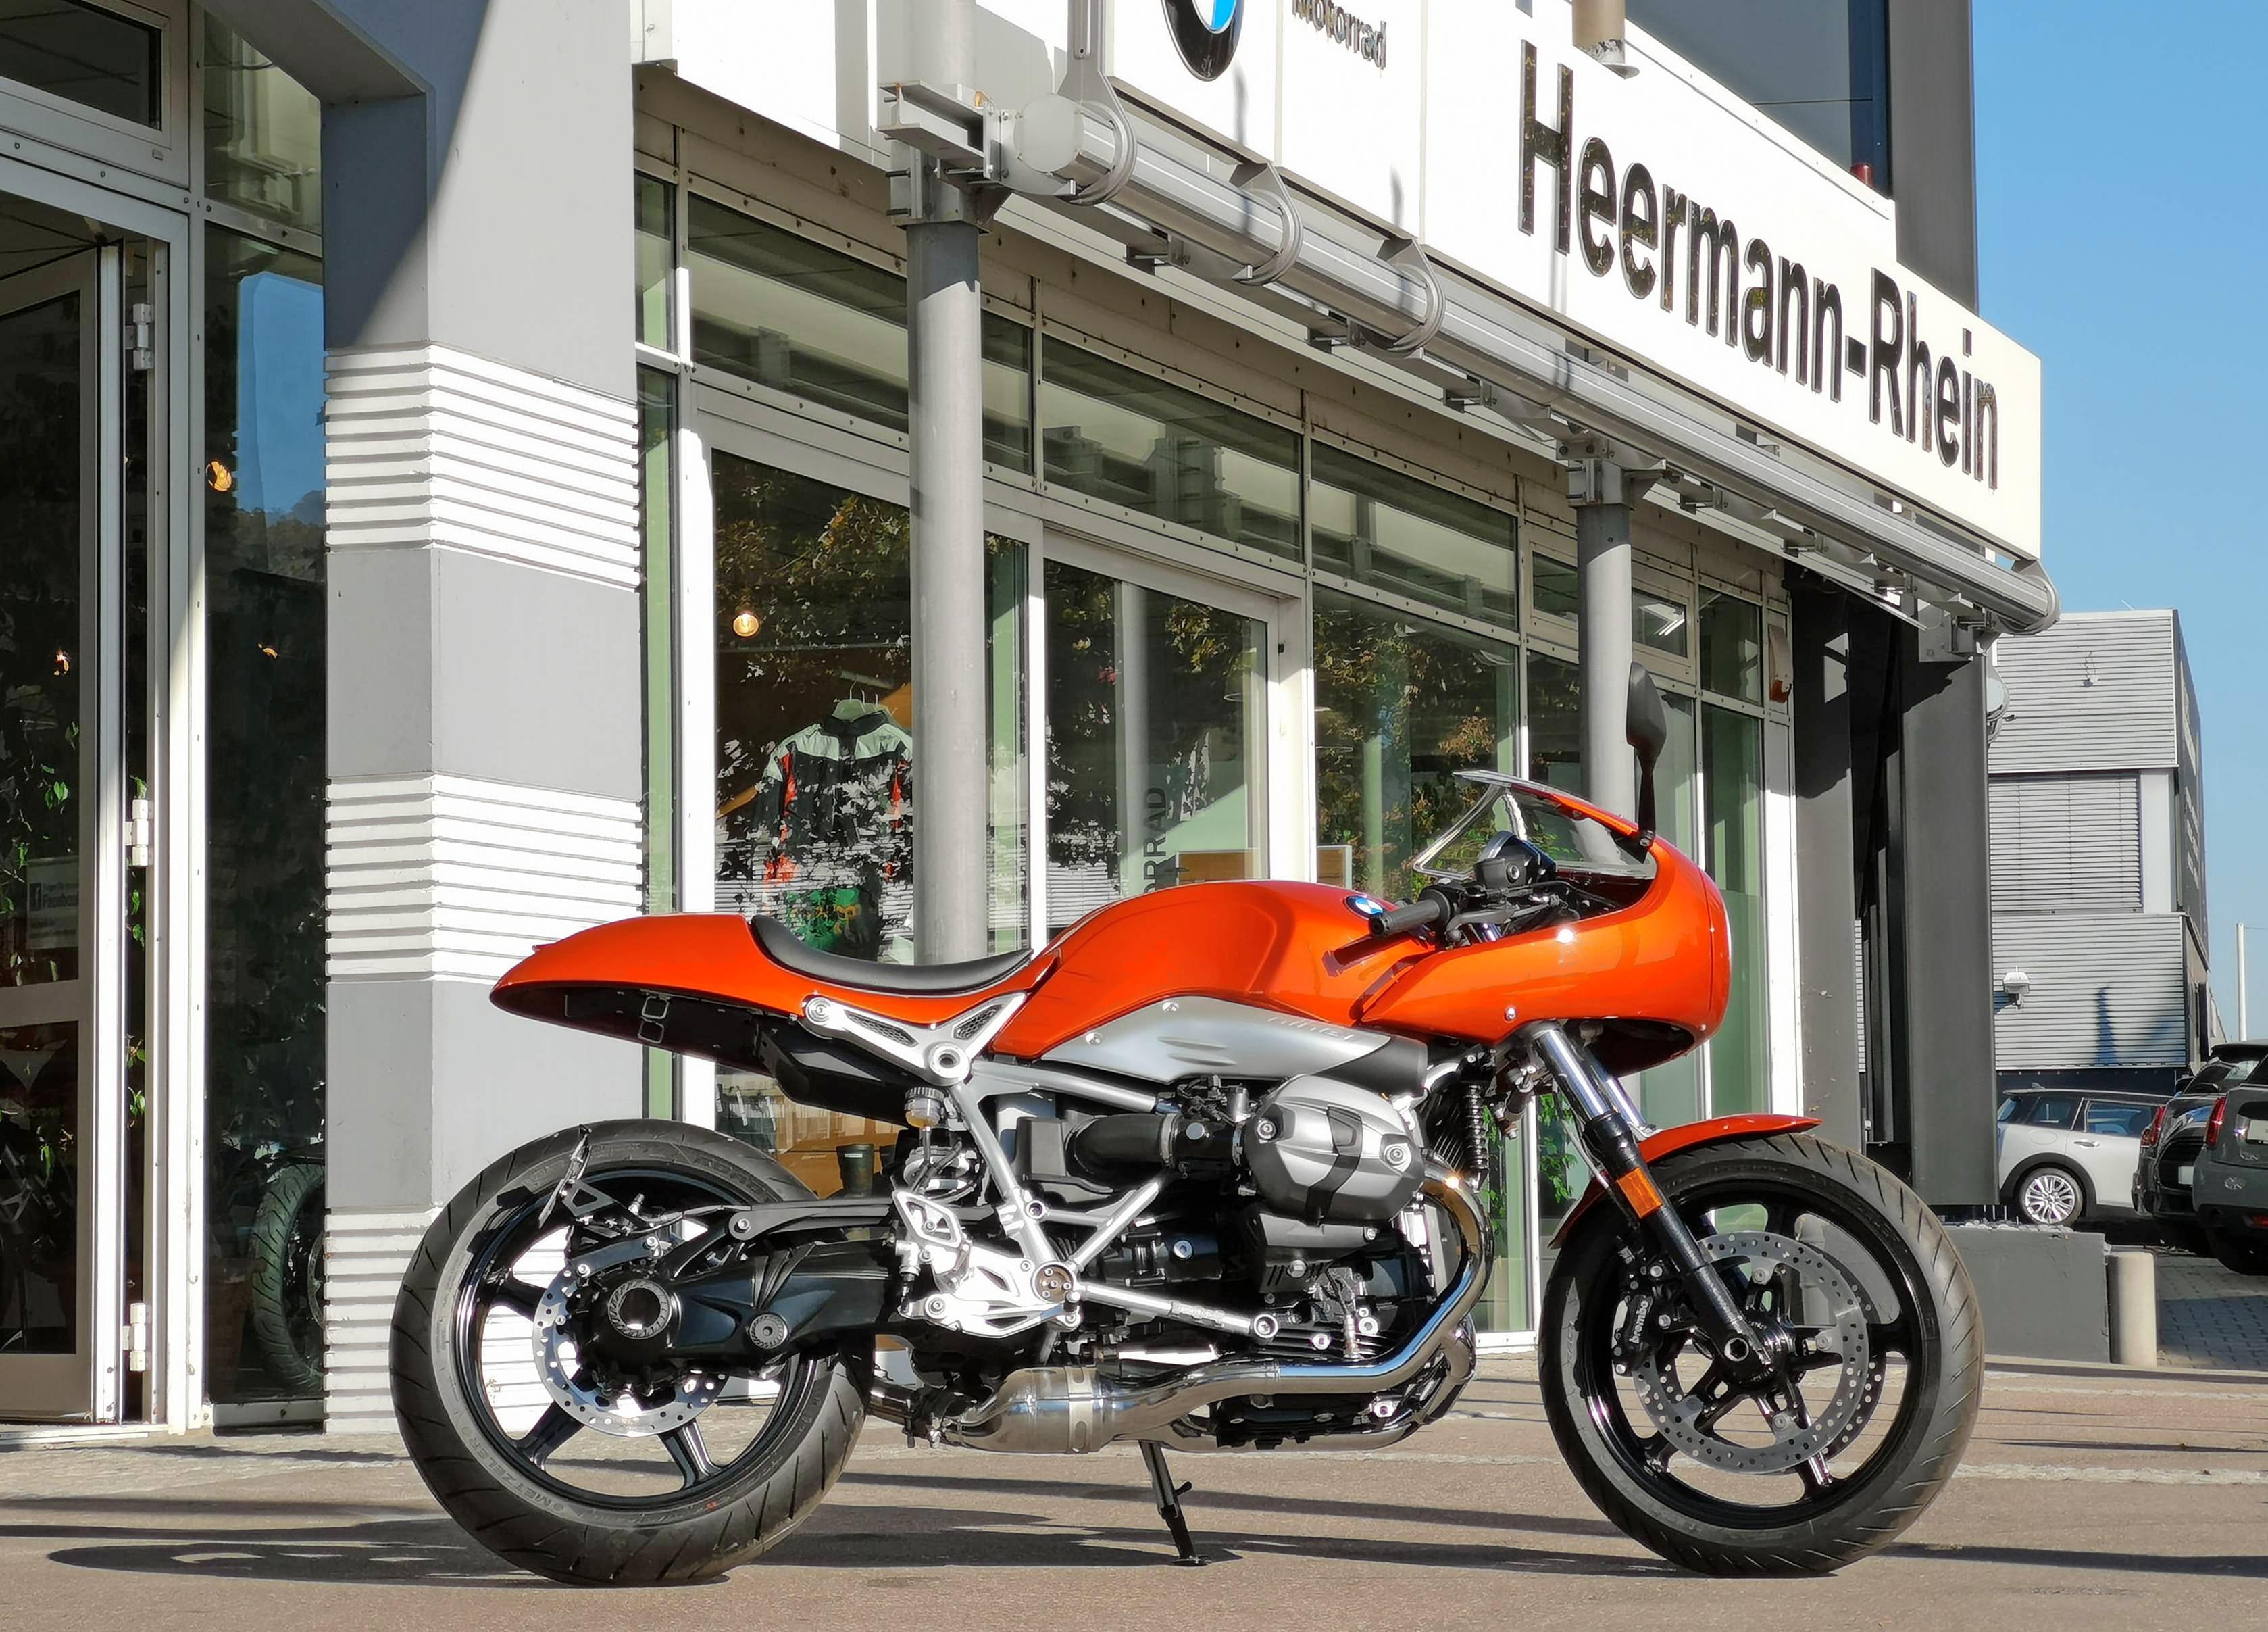 Ob sportlich oder gediegen – BMW hat verschiedenste Modelle im Programm.